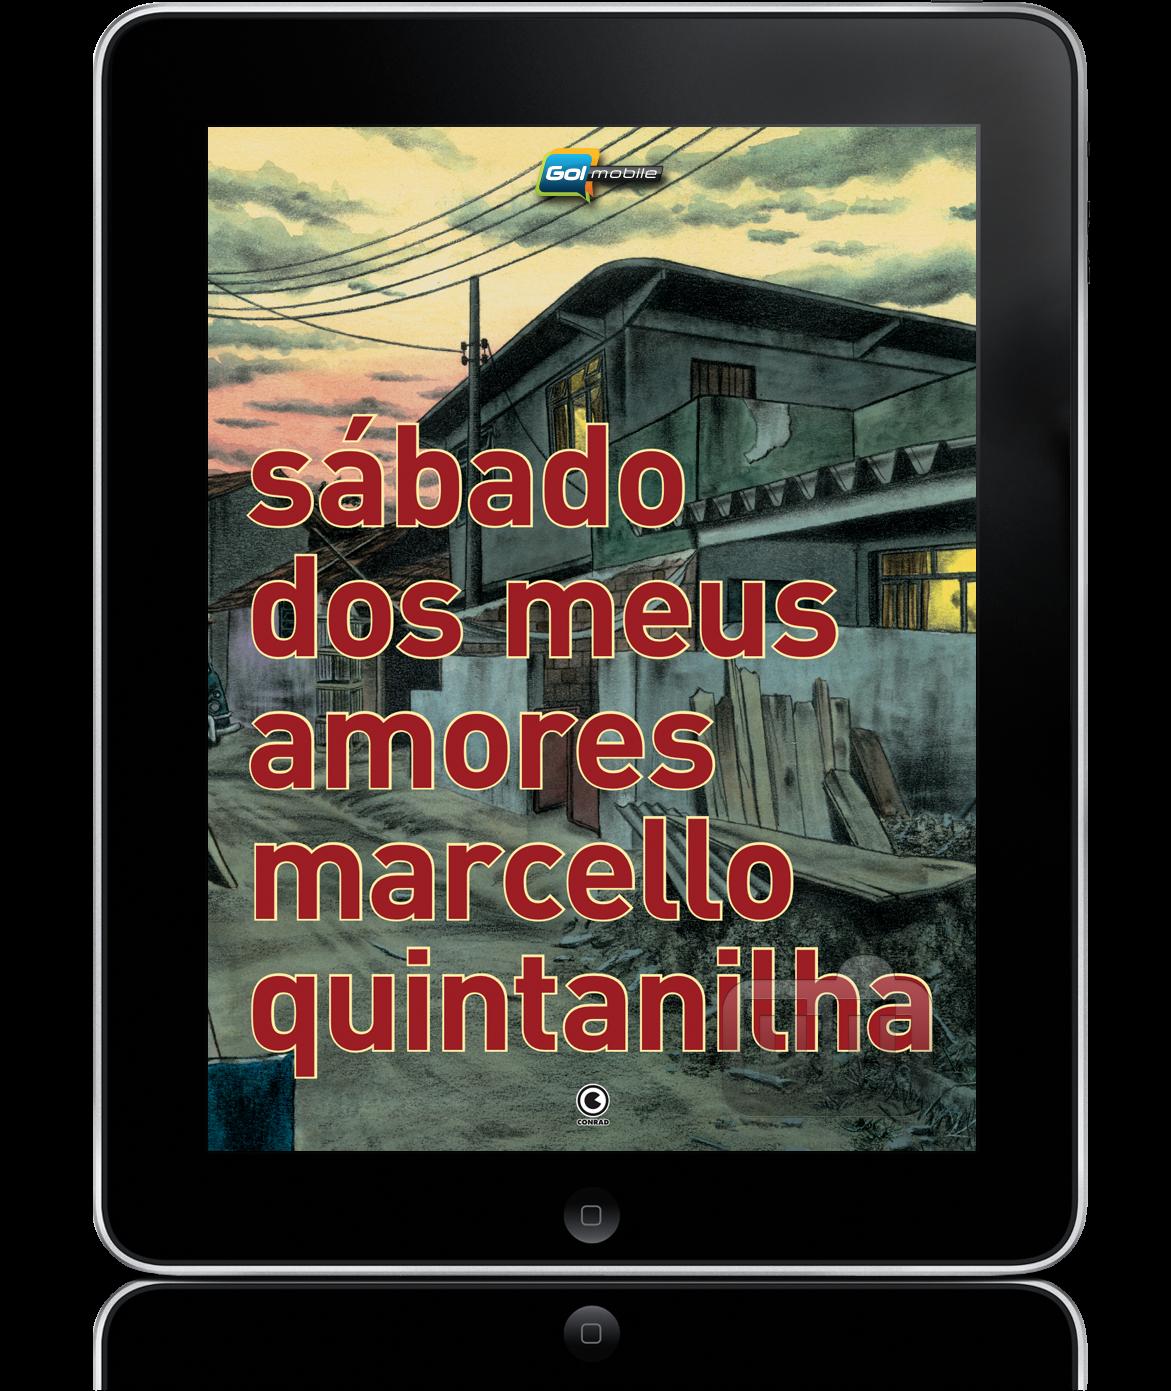 HQs da Conrad no iPad